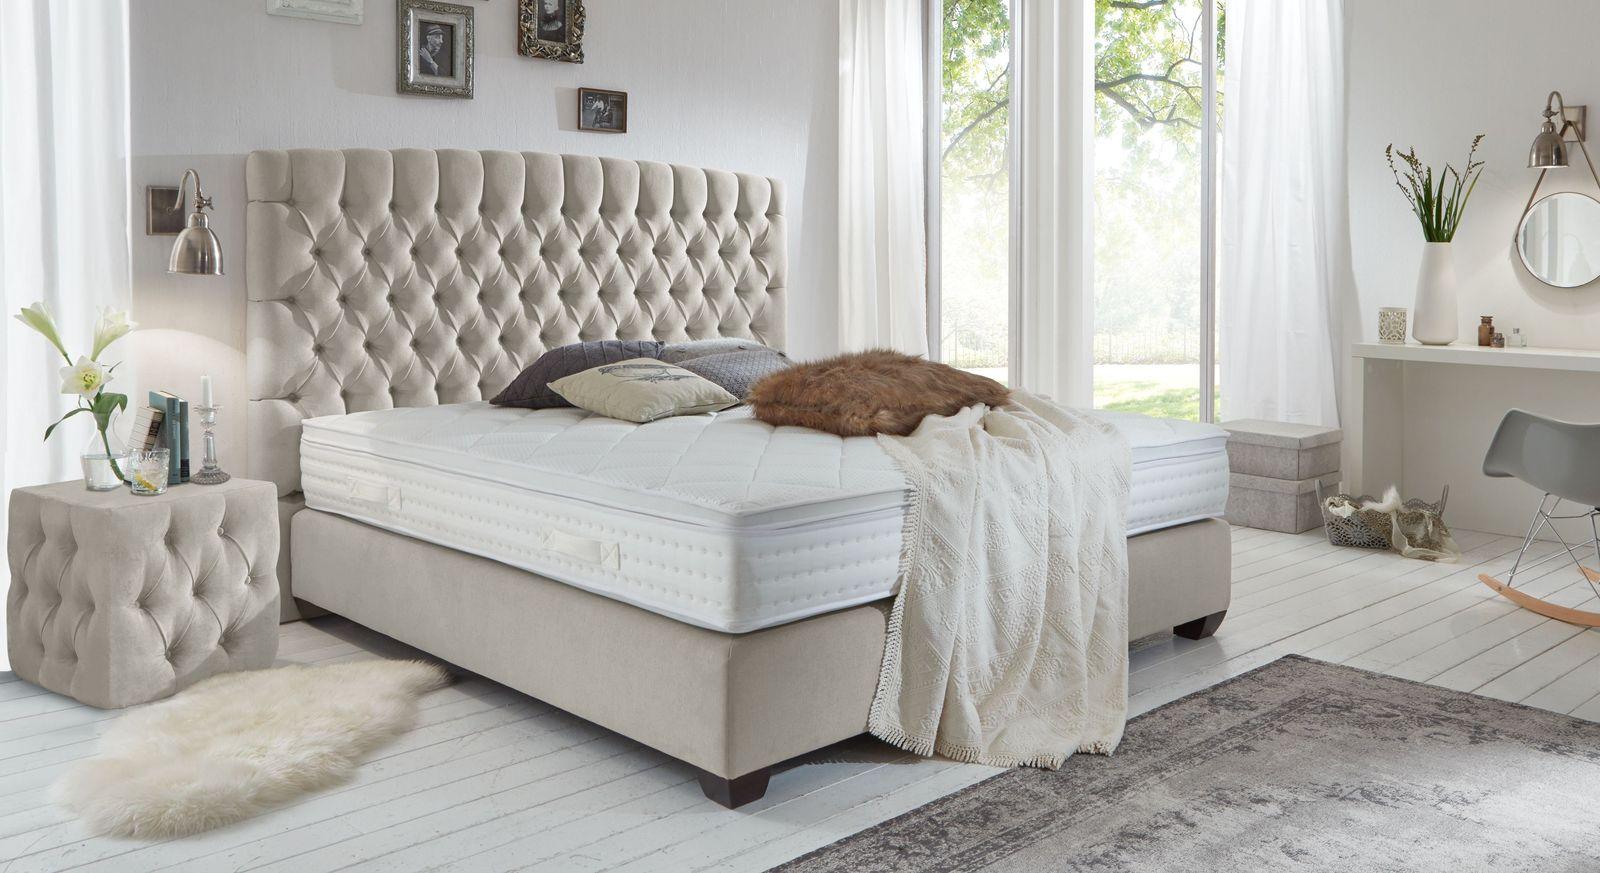 Full Size of Amerikanische Betten Royales Boxspringbett Im Englischen Chesterfield Design Palmdale Outlet De Gebrauchte Ausgefallene Nolte Bonprix Außergewöhnliche Antike Bett Amerikanische Betten